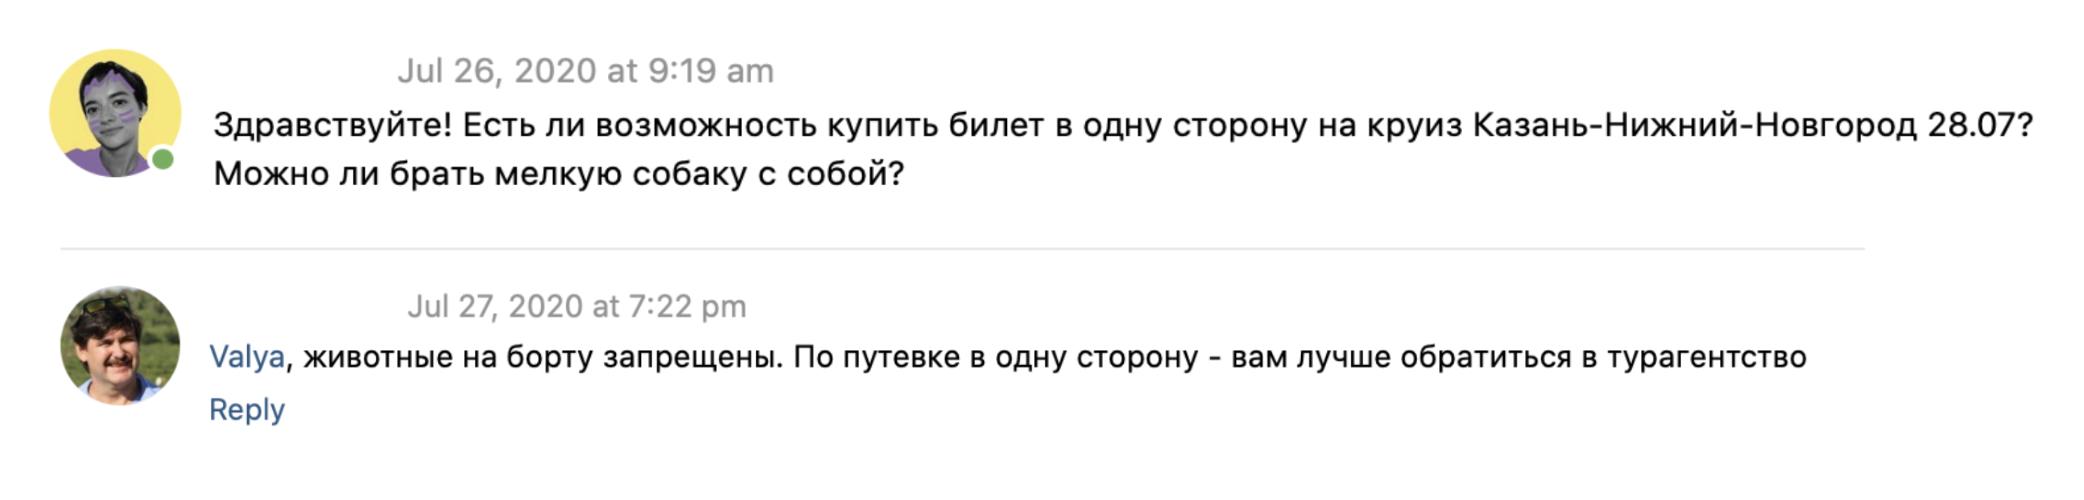 """Администратор группы «Теплоход """"Павел Бажов""""» во«Вконтакте» ответил, чтоживотных наборт теплохода брать нельзя"""